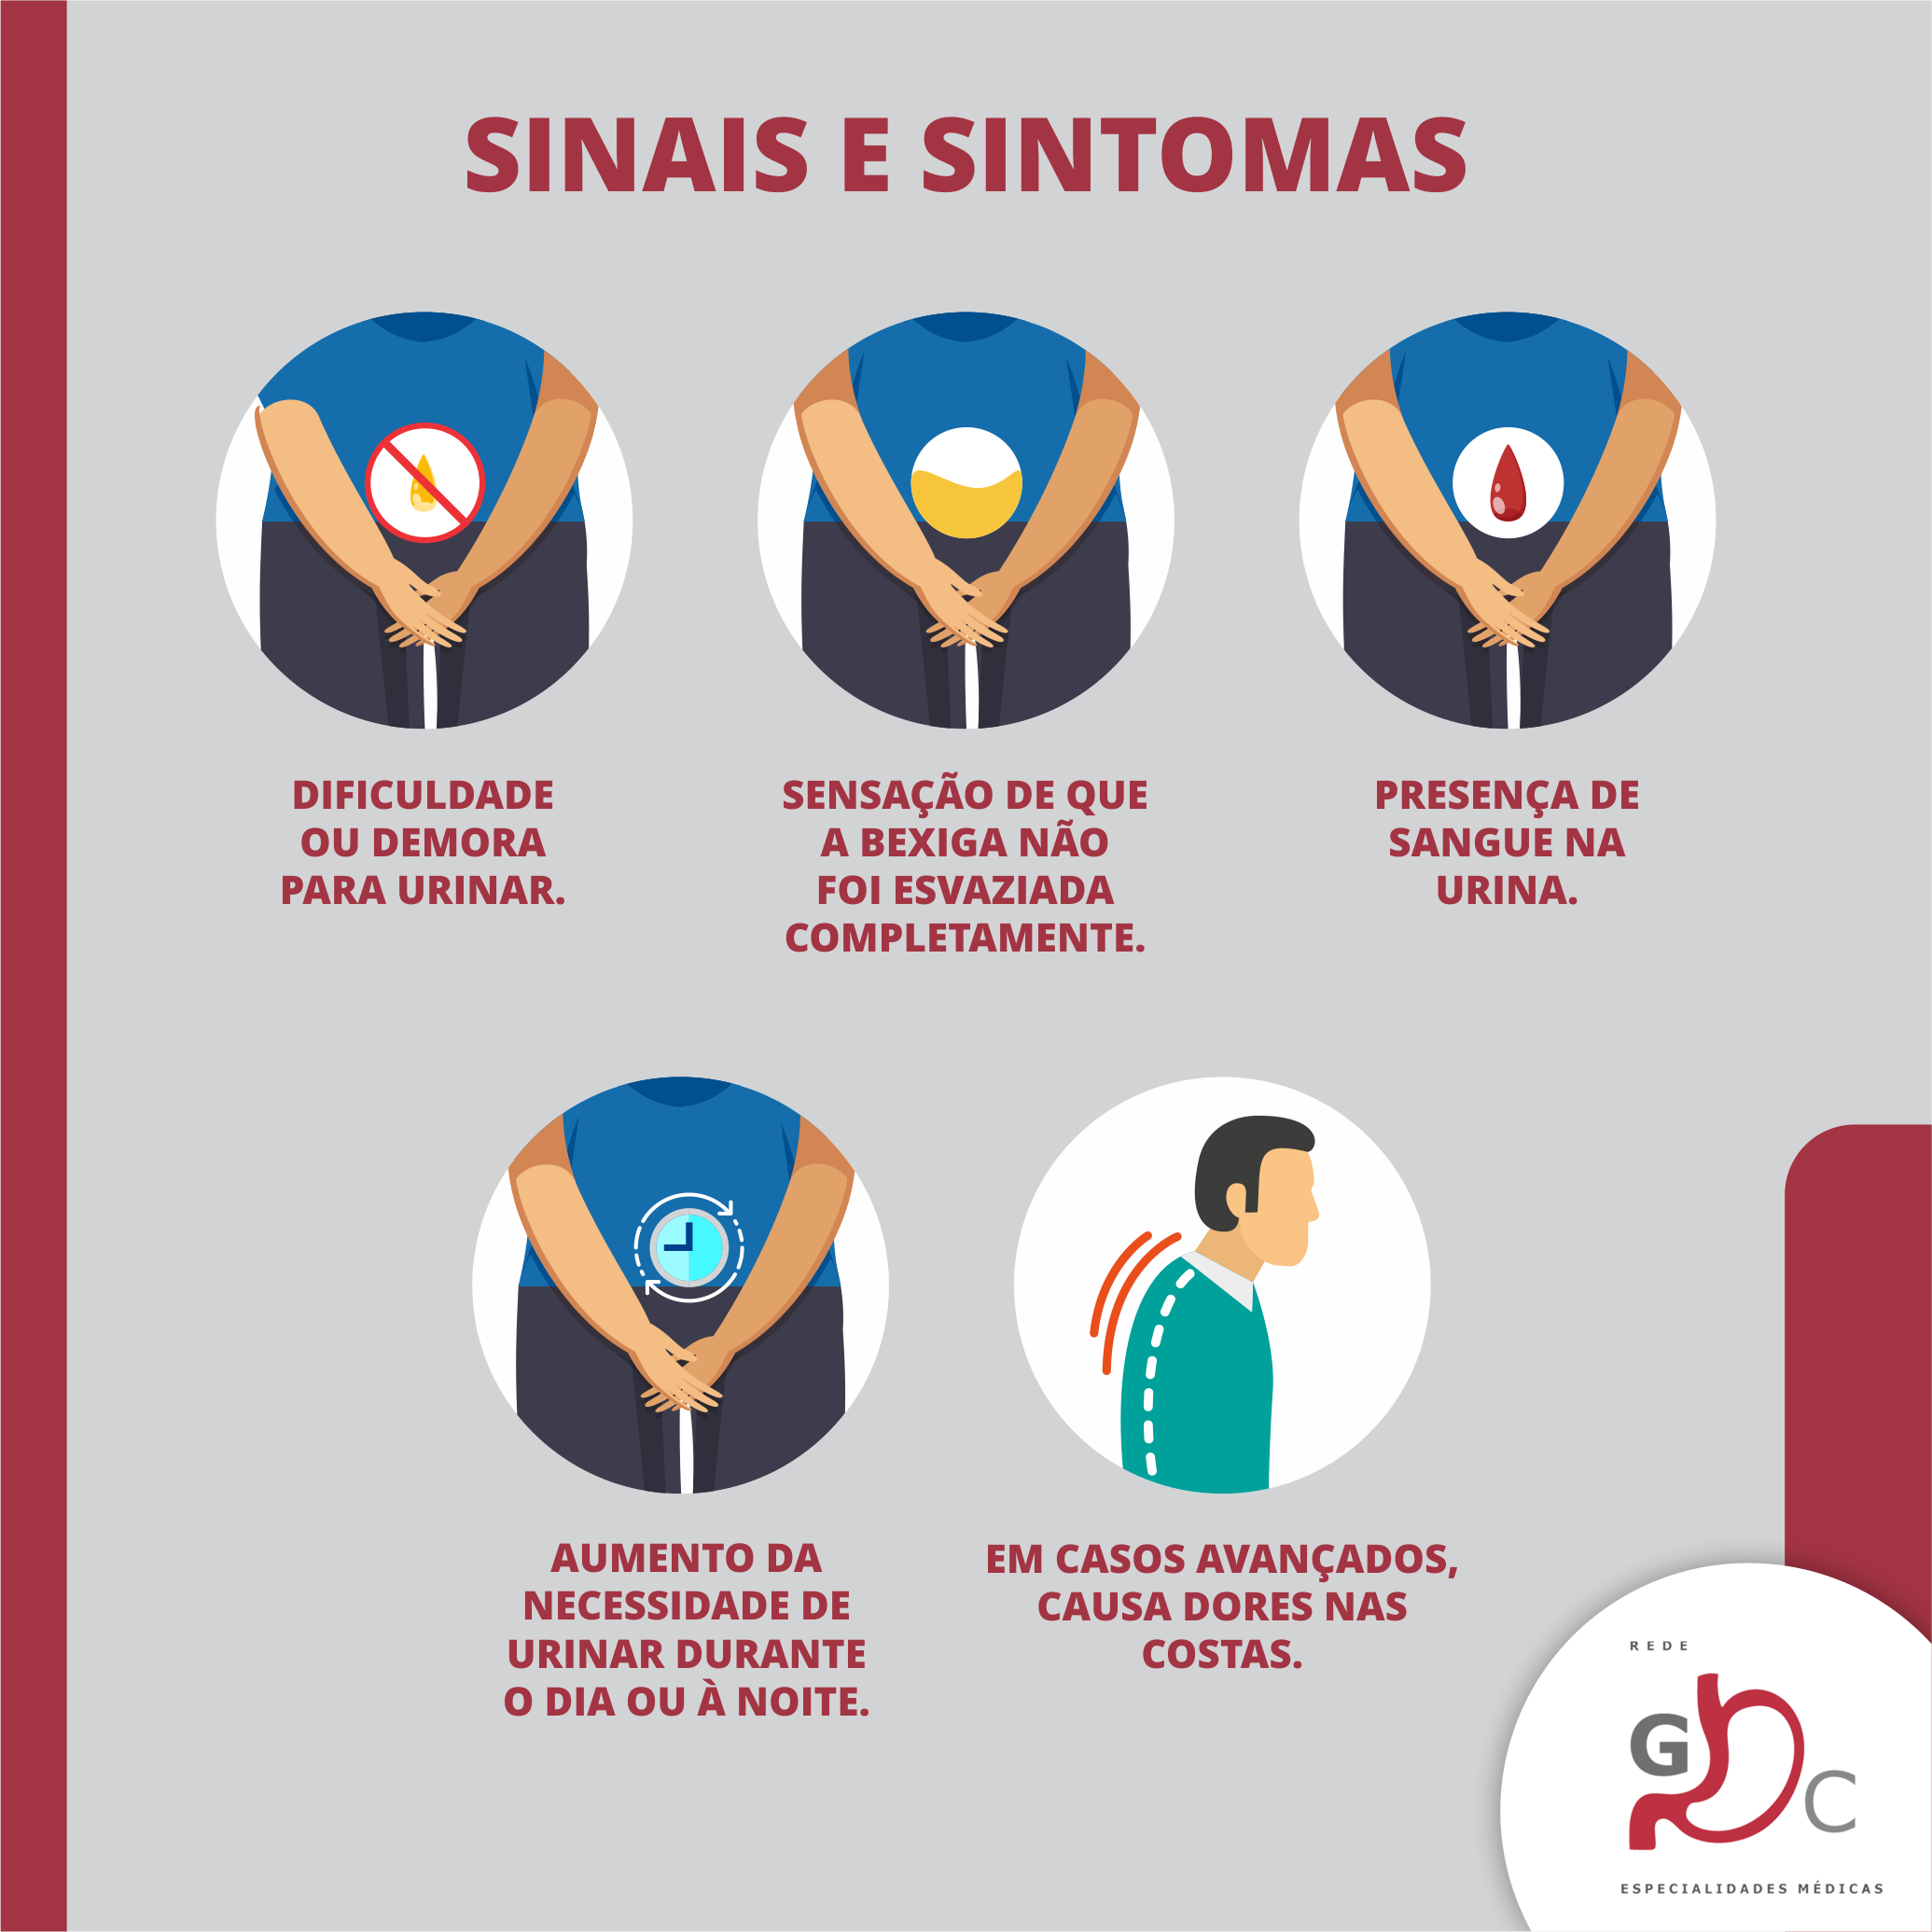 Sinais e Sintomas do Câncer de Próstata.